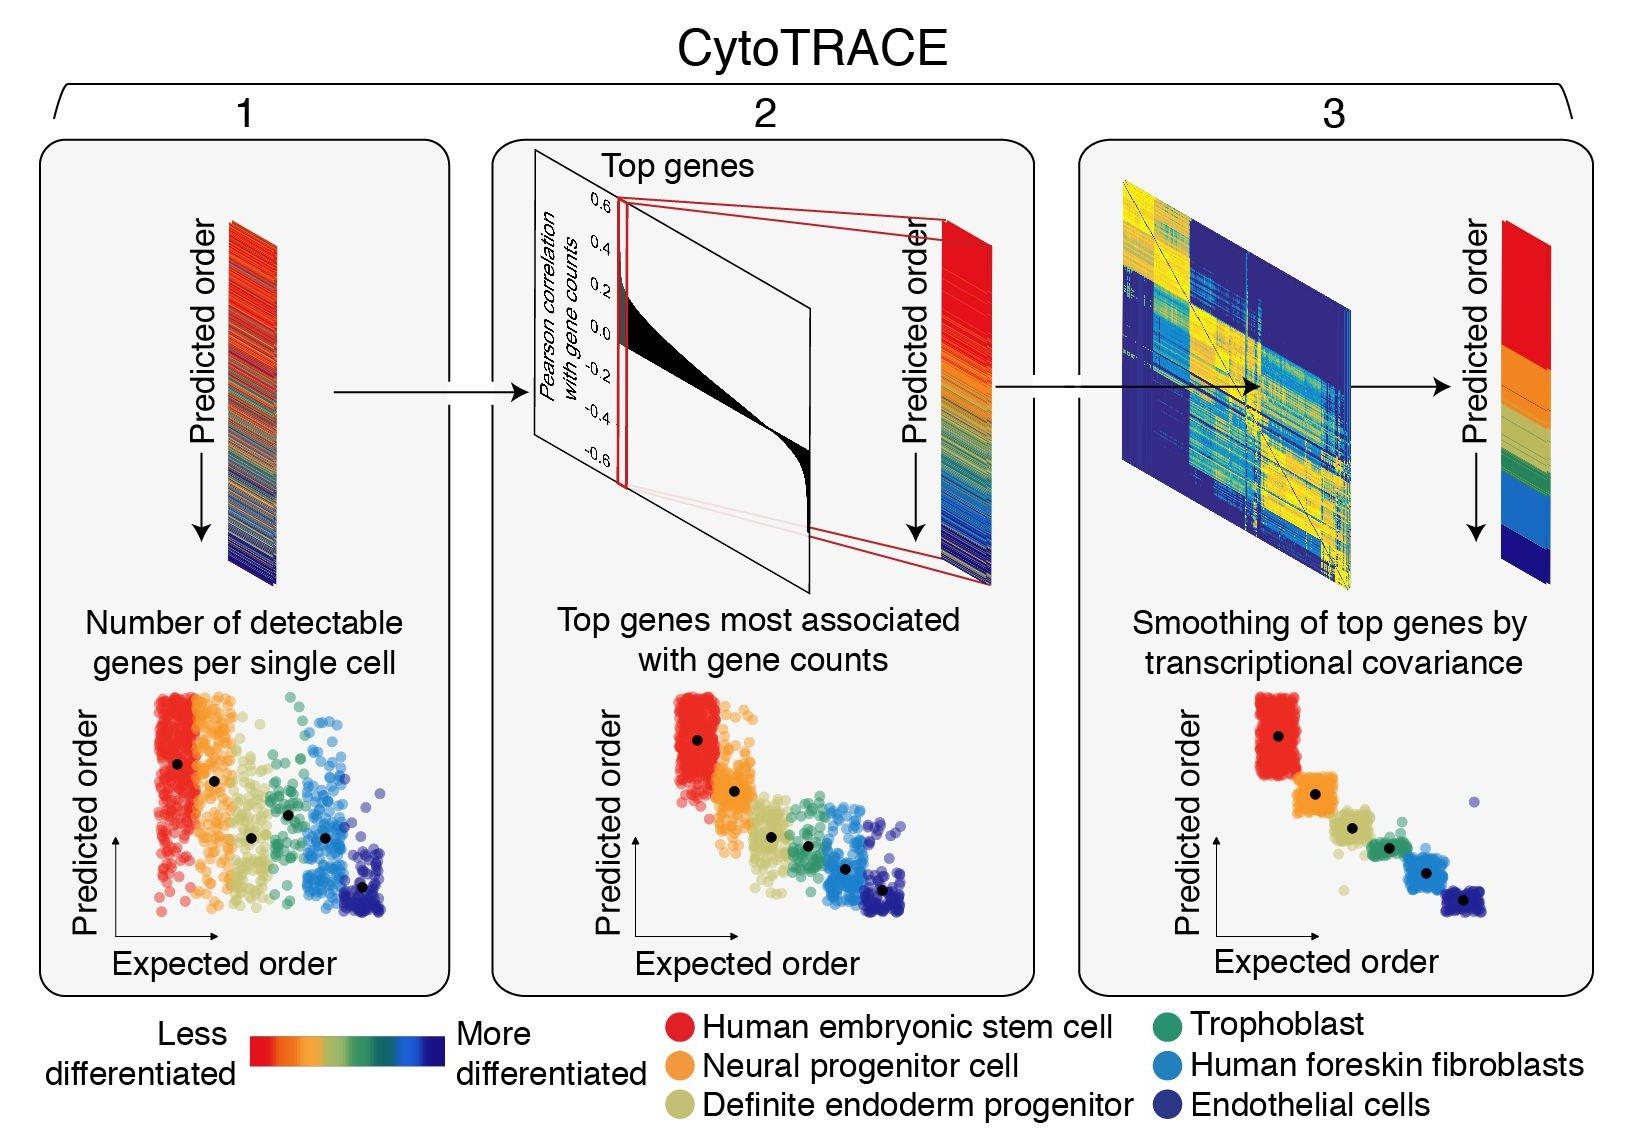 Количество генов, которые используются для синтеза РНК, помогло ученым обнаружить опасные раковые клетки